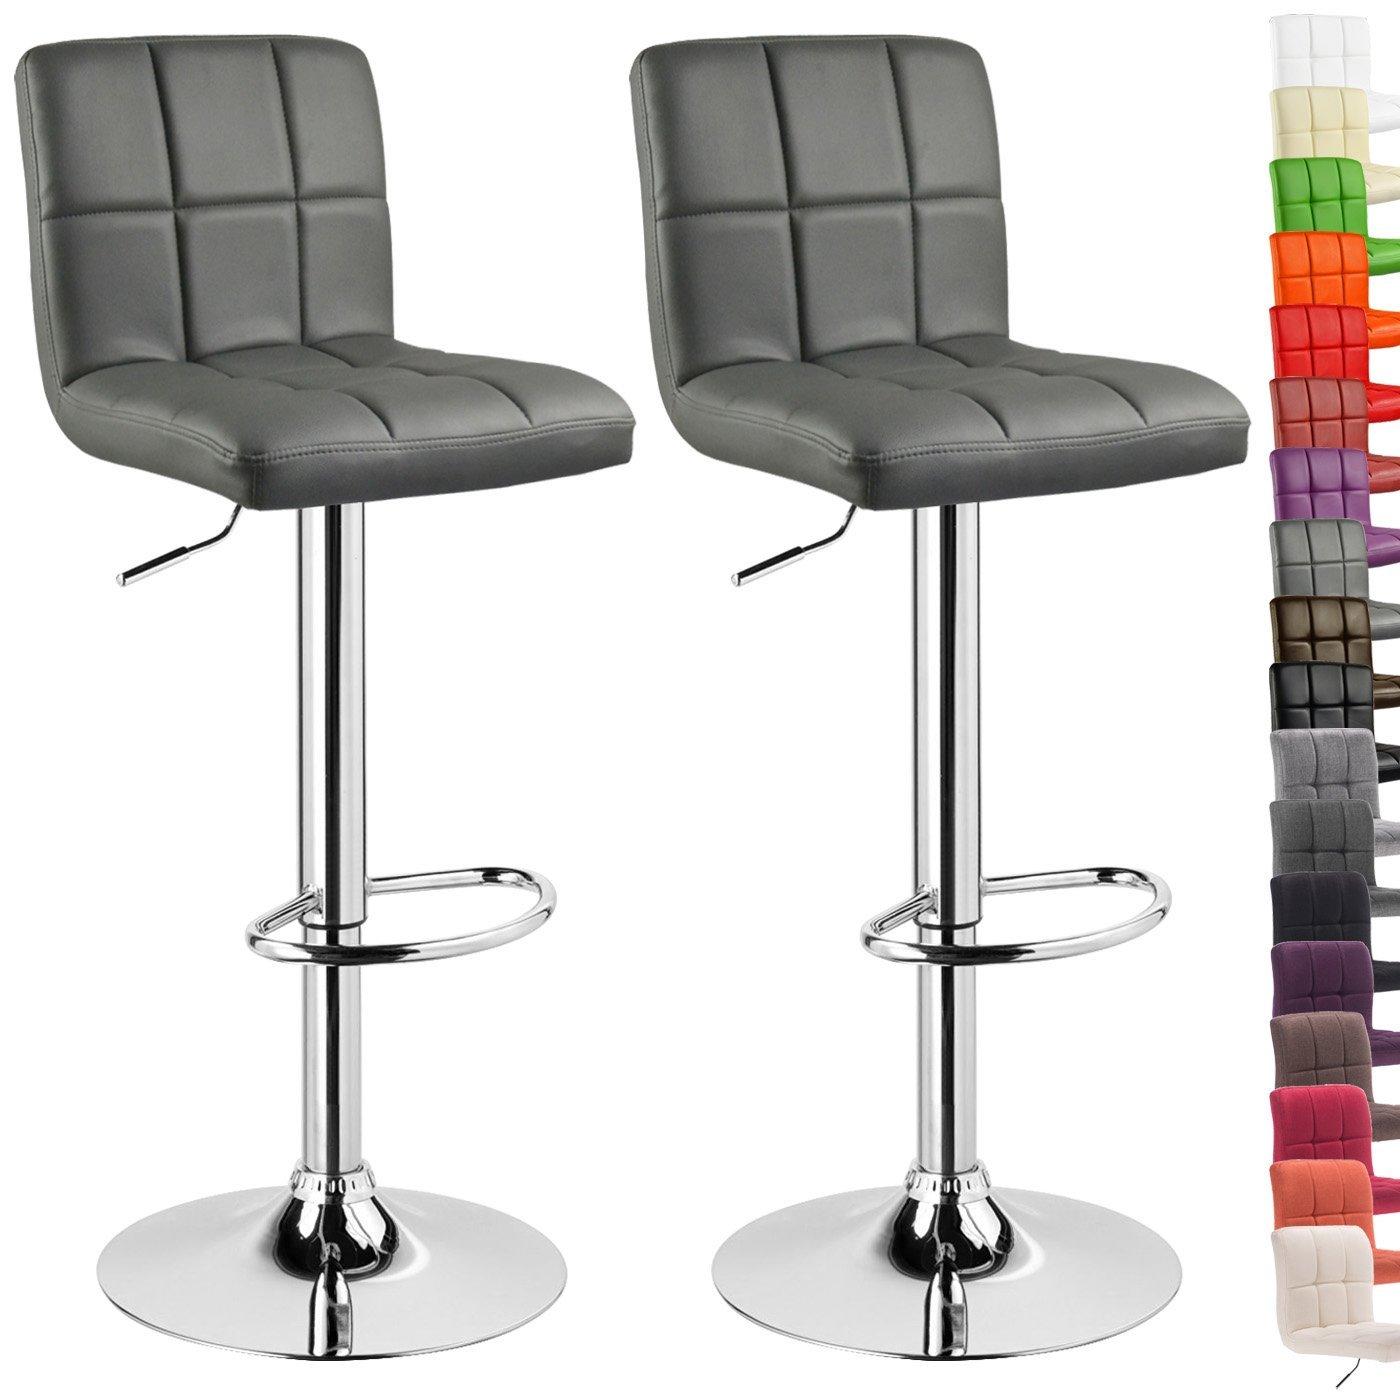 tabouret de bar occasion. Black Bedroom Furniture Sets. Home Design Ideas